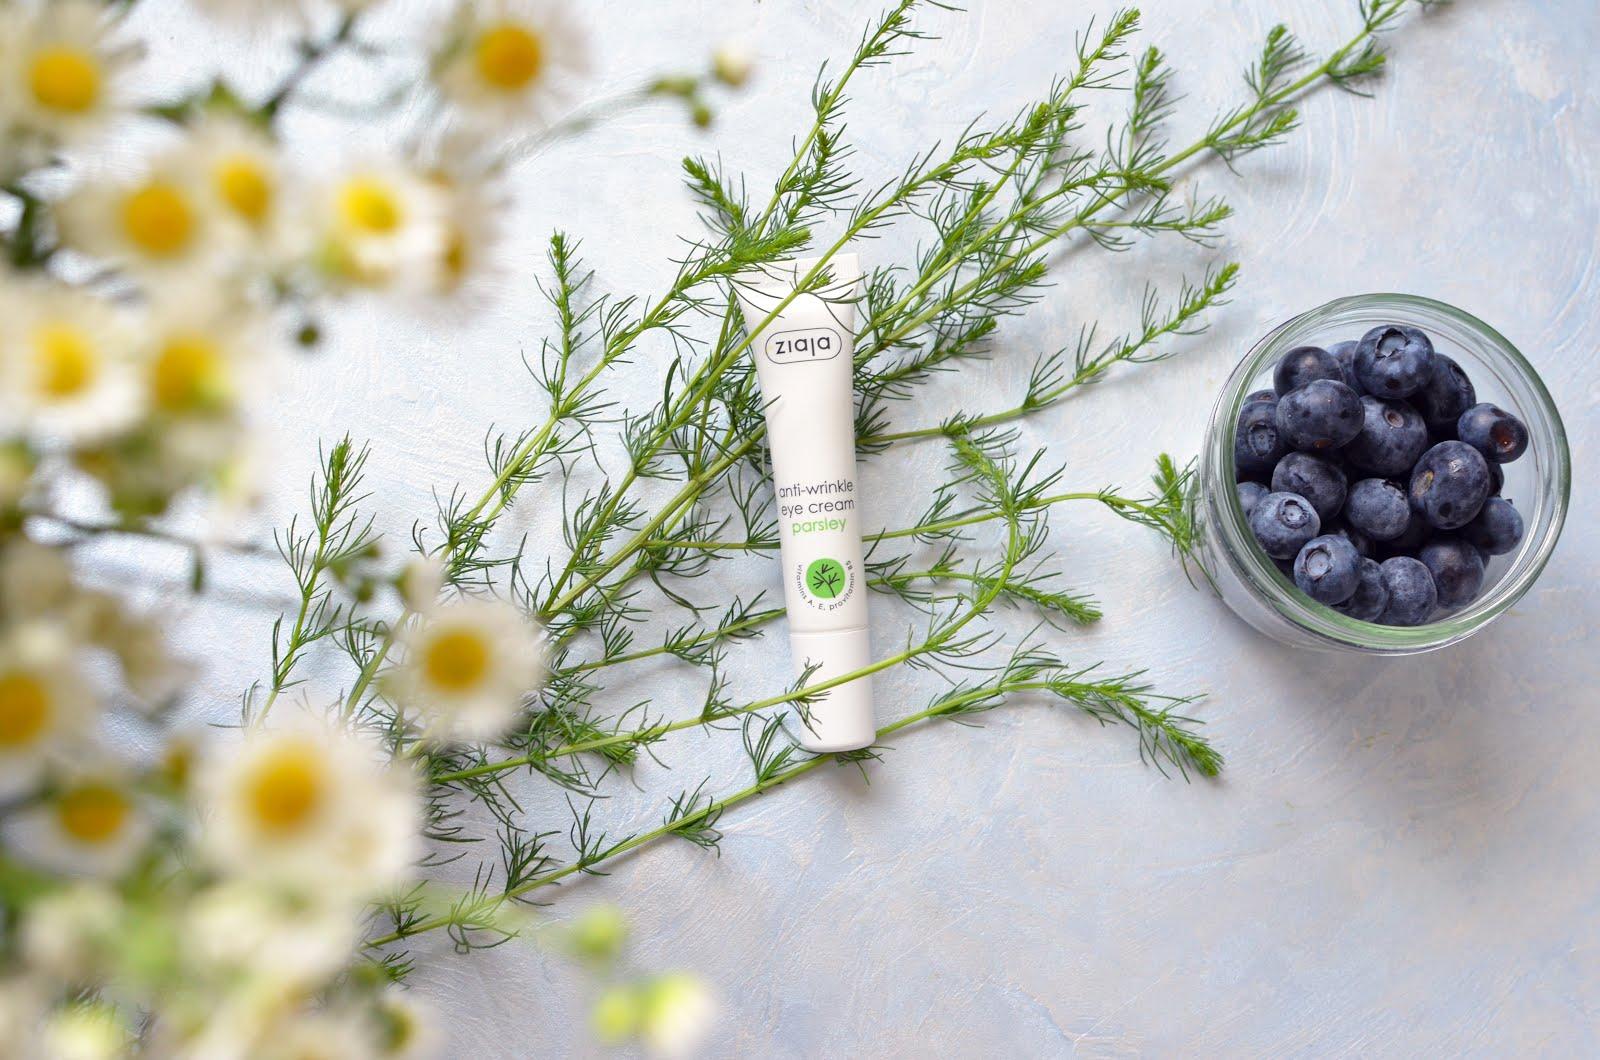 Ziaja Cream Eye And Eyelid Anti-Wrinkle Parsley Крем для кожи вокруг глаз с петрушкой